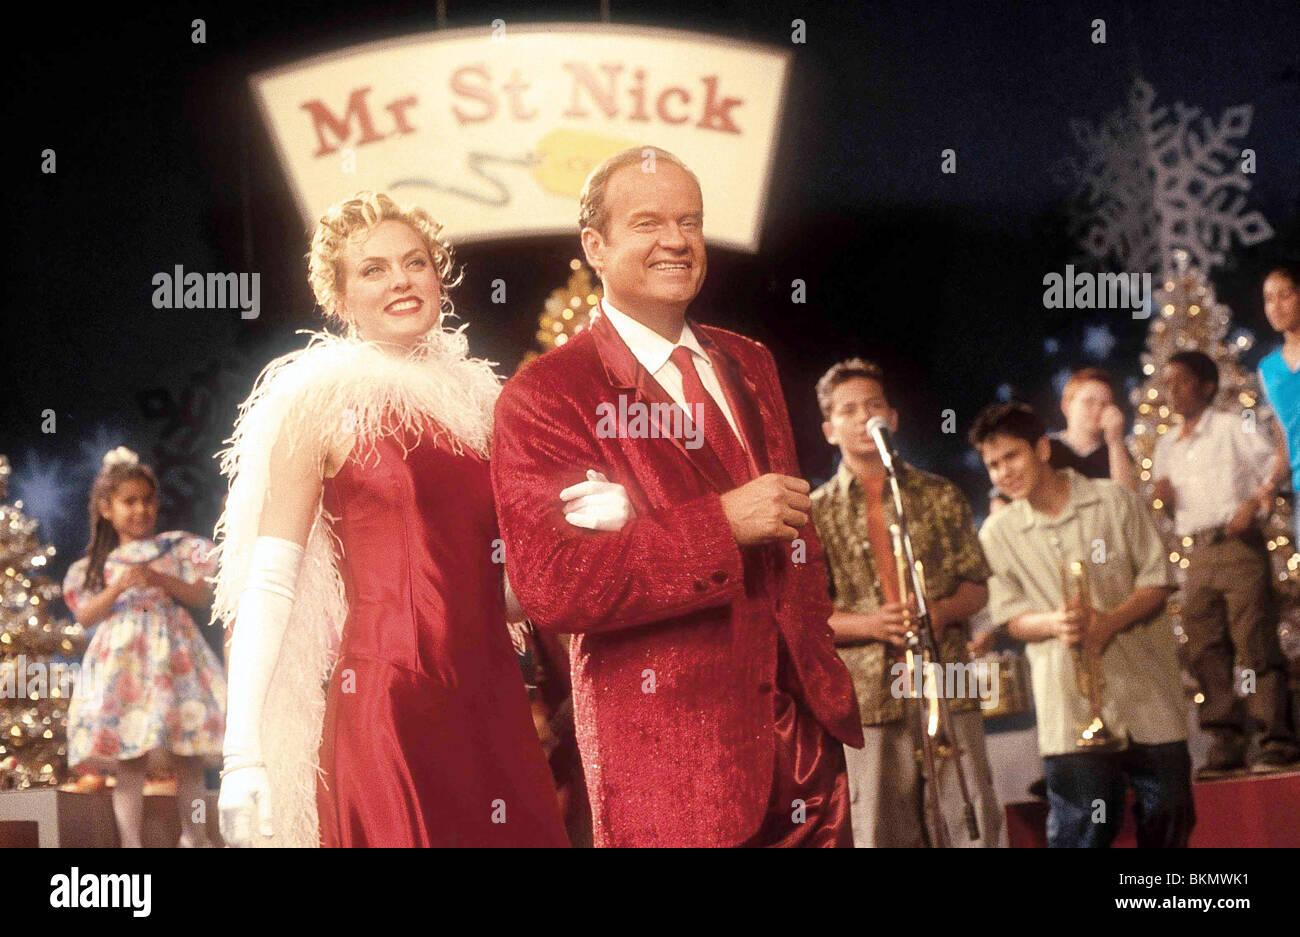 MR ST NICK (2002) ELAINE HENDRIX, KELSEY GRAMMER MRNC 001-02 Stock Photo